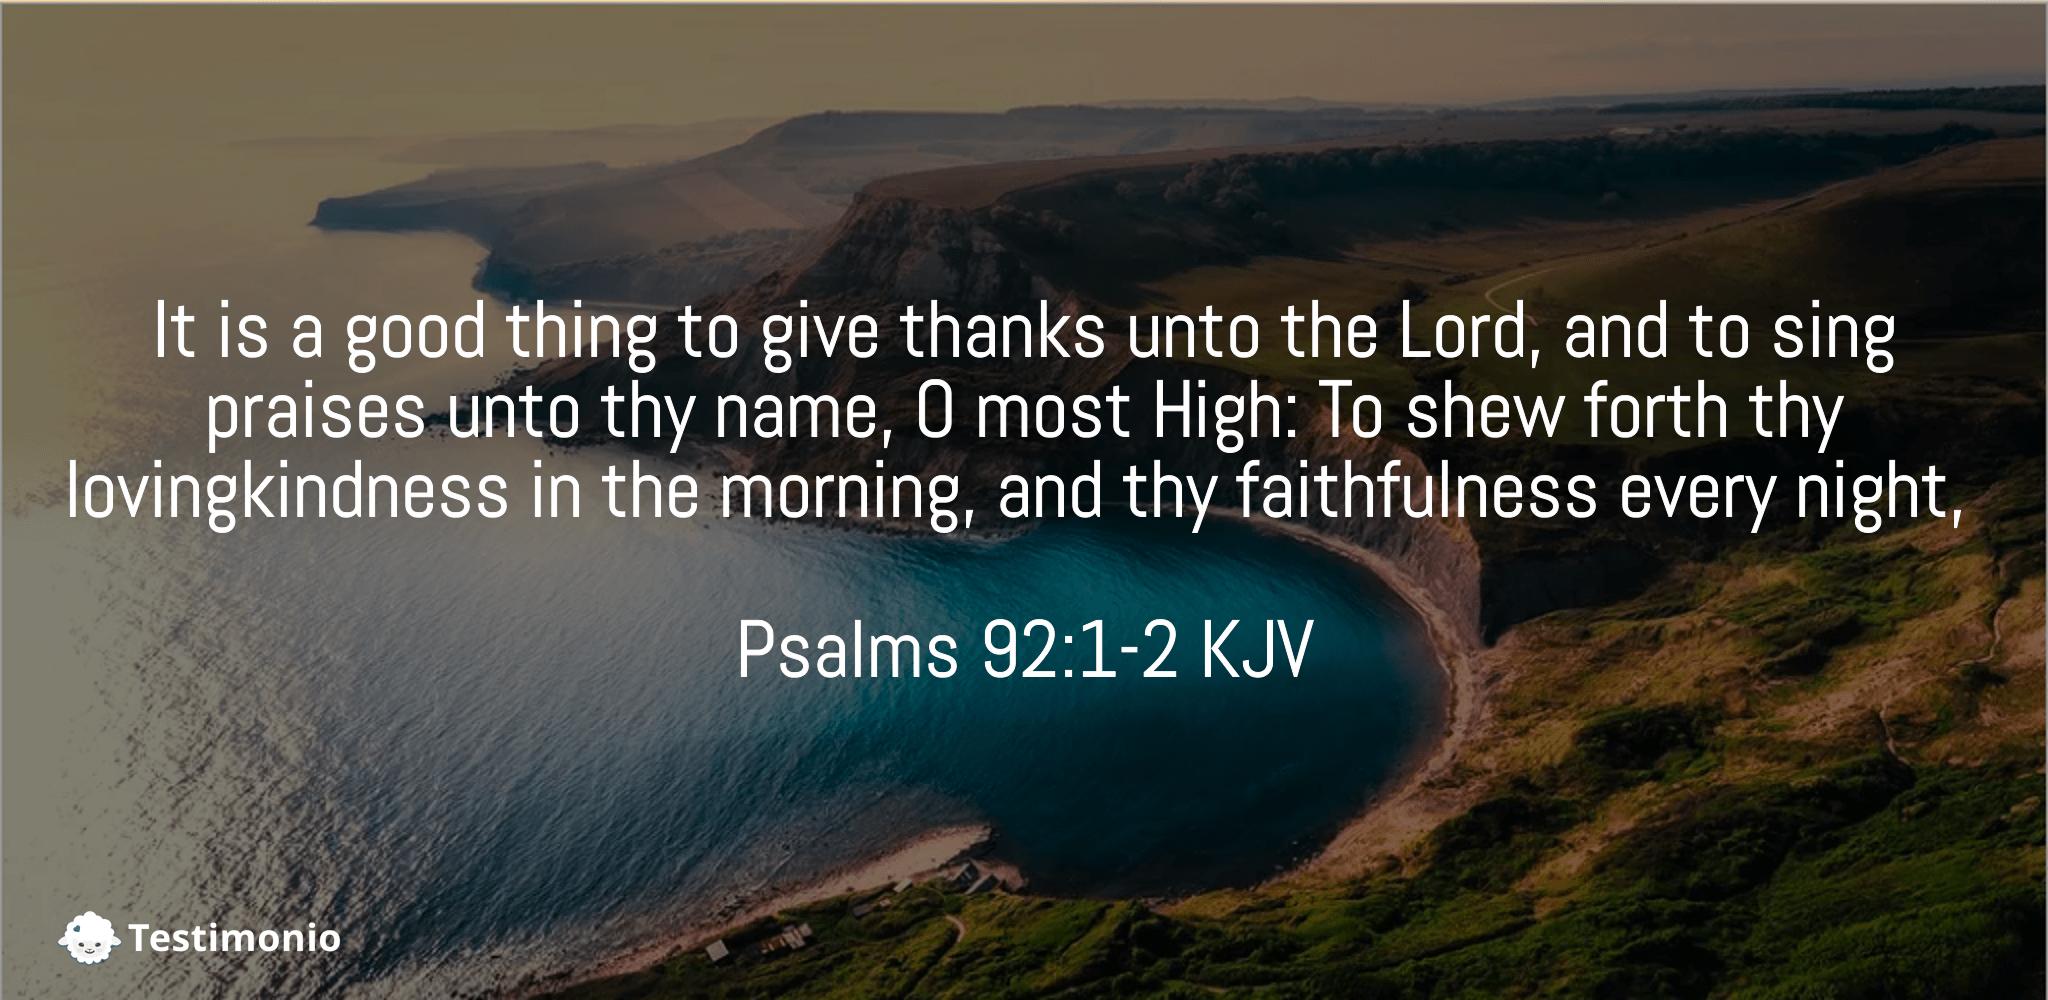 Psalms 92:1-2